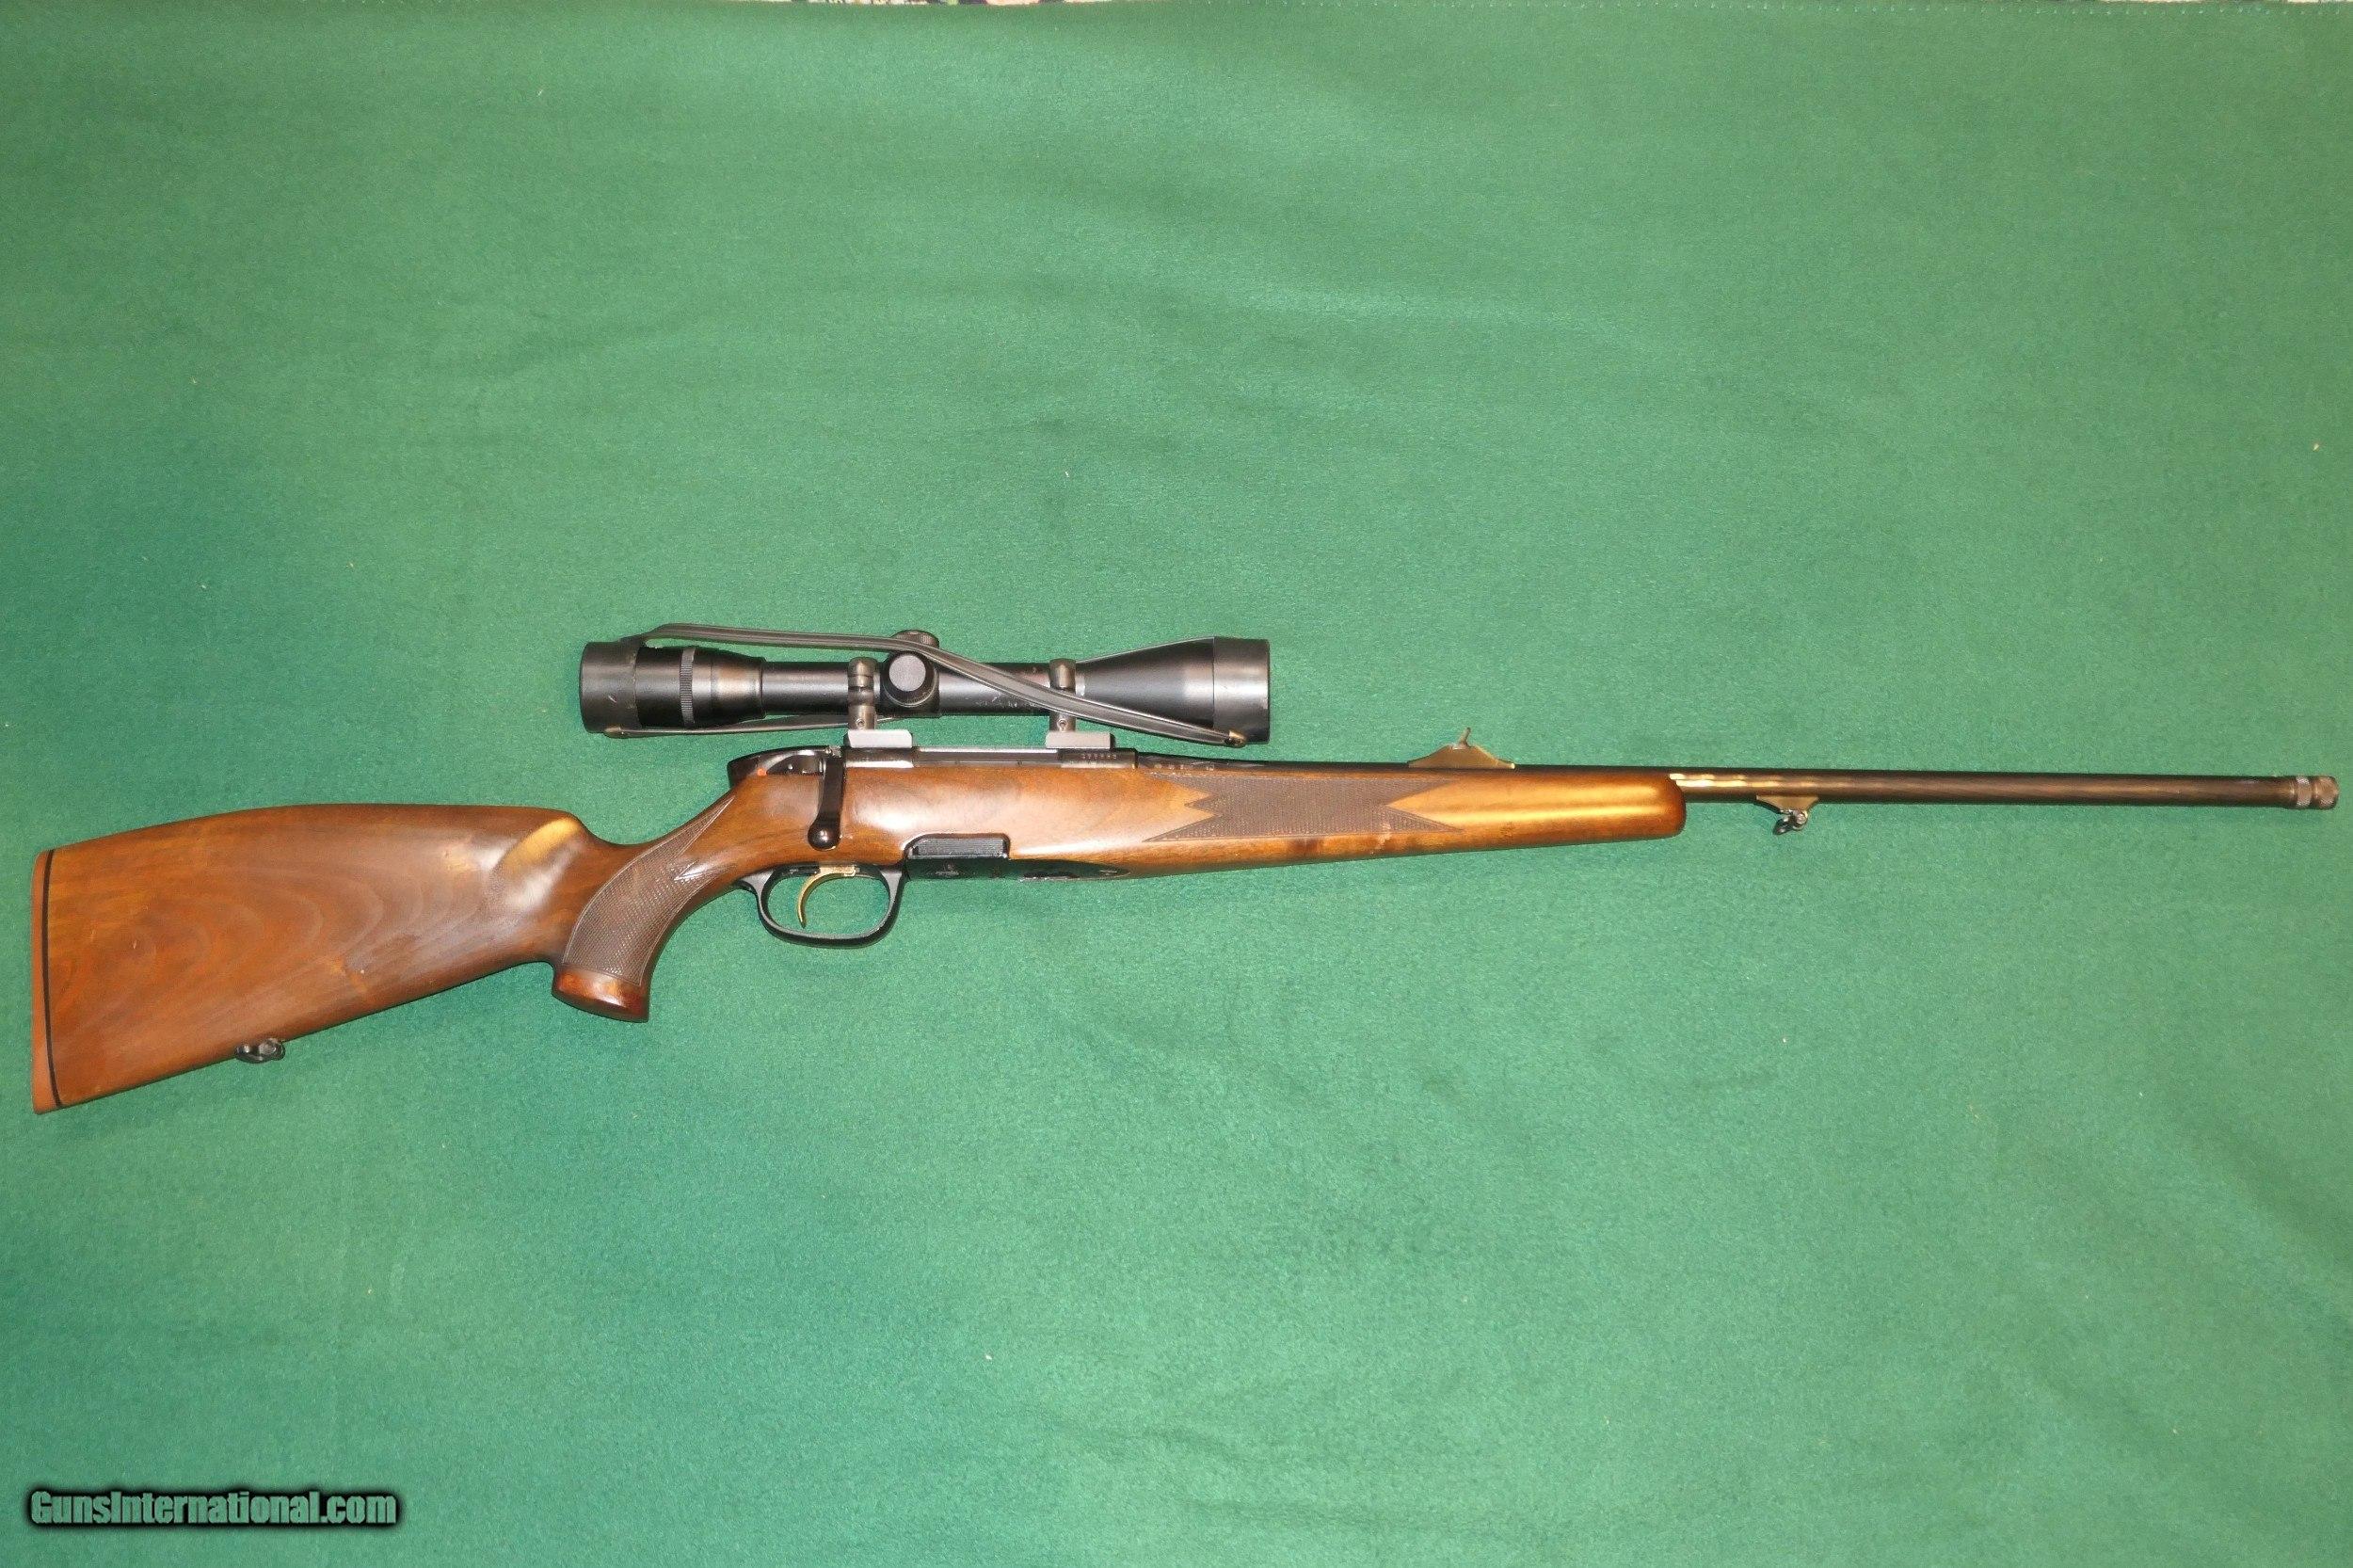 Steyr single set trigger